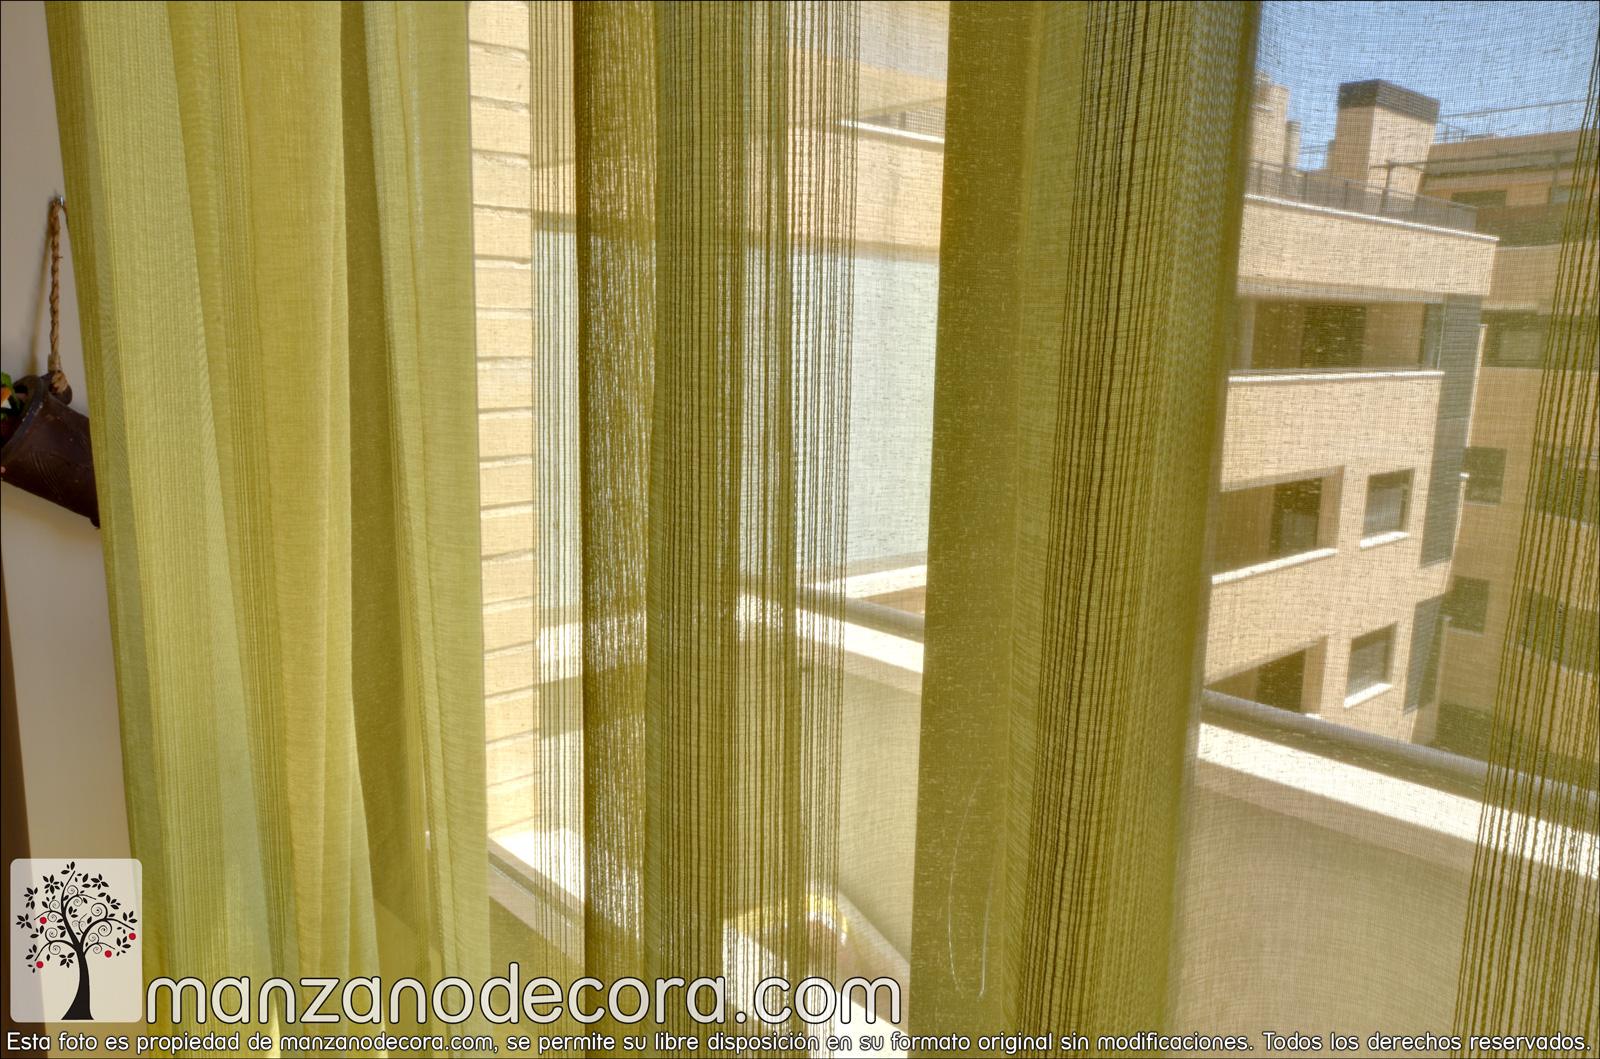 El amarillo en cortinas está de moda